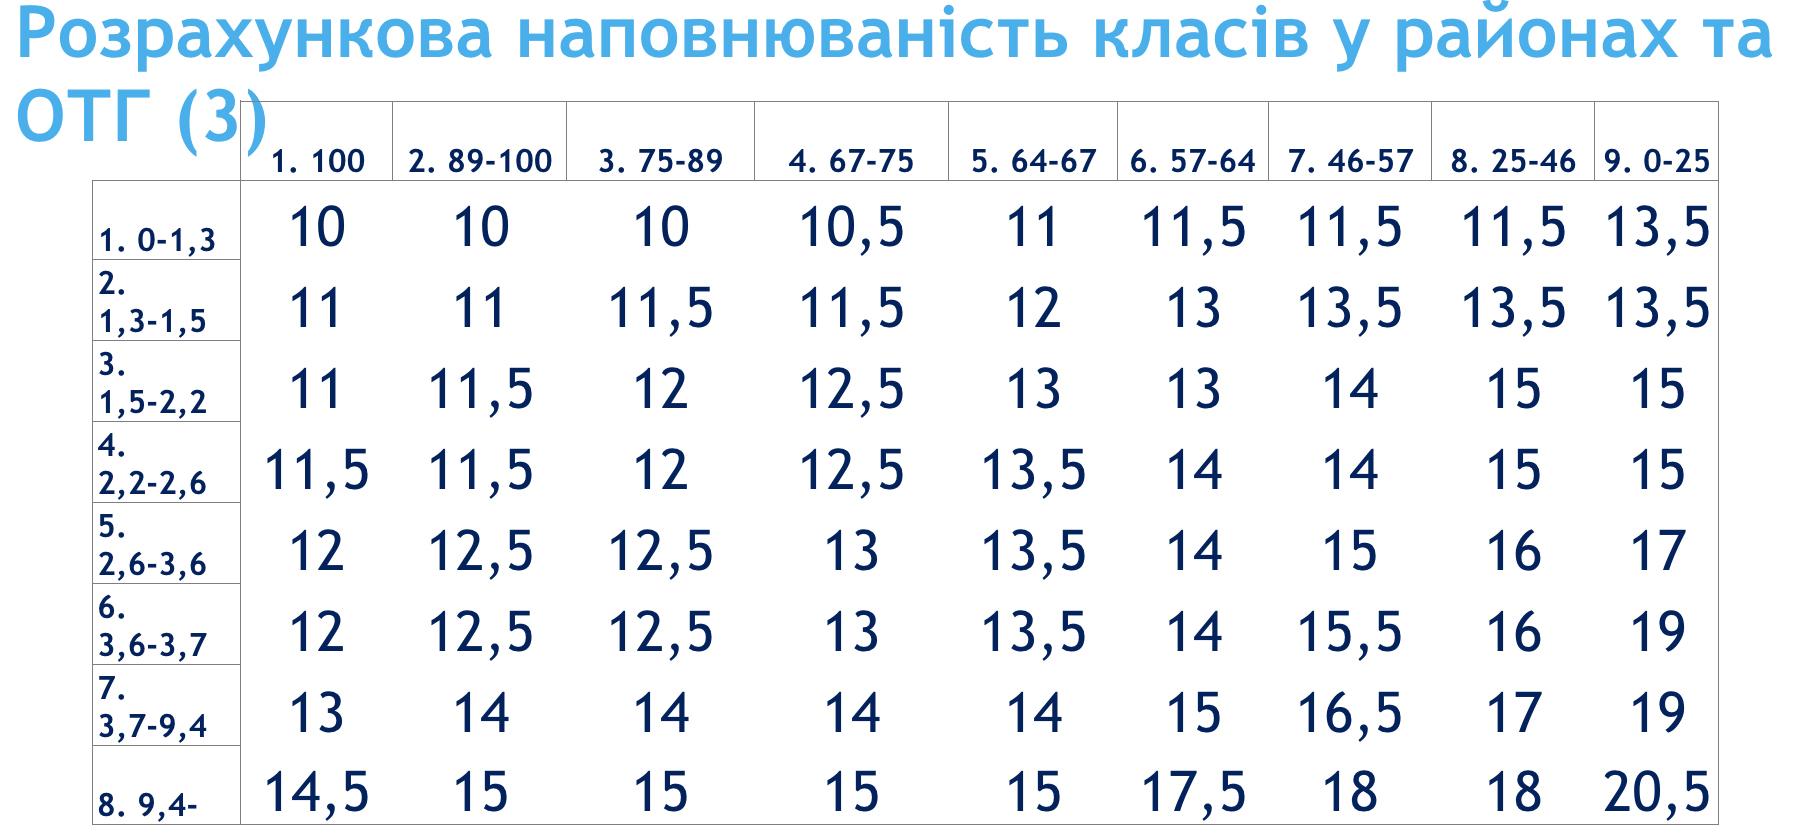 Розподіл освітньої субвенції в районах та ОТГ